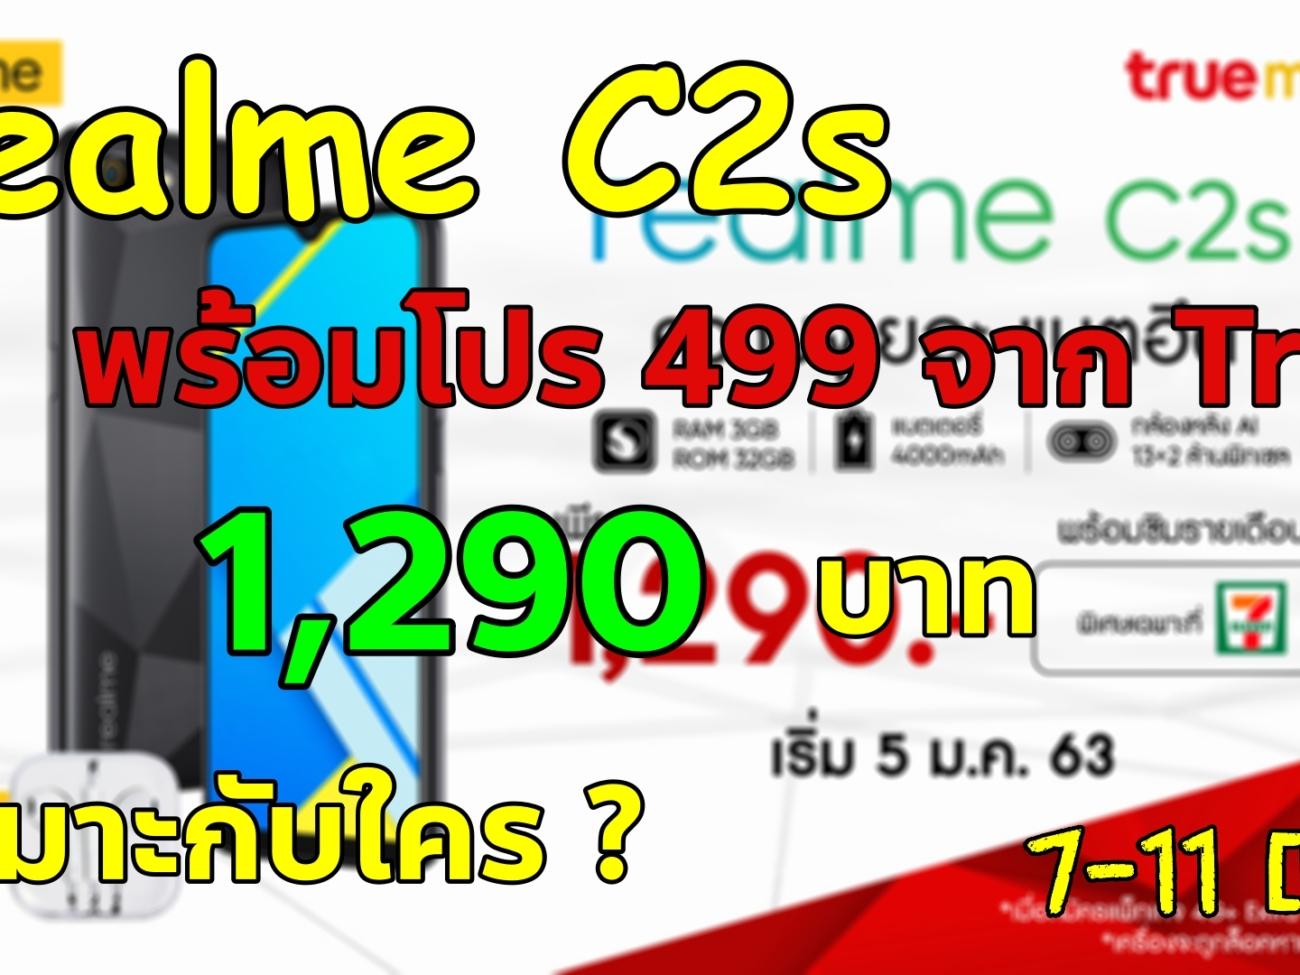 realme-C2s__1920x1080-true-cover